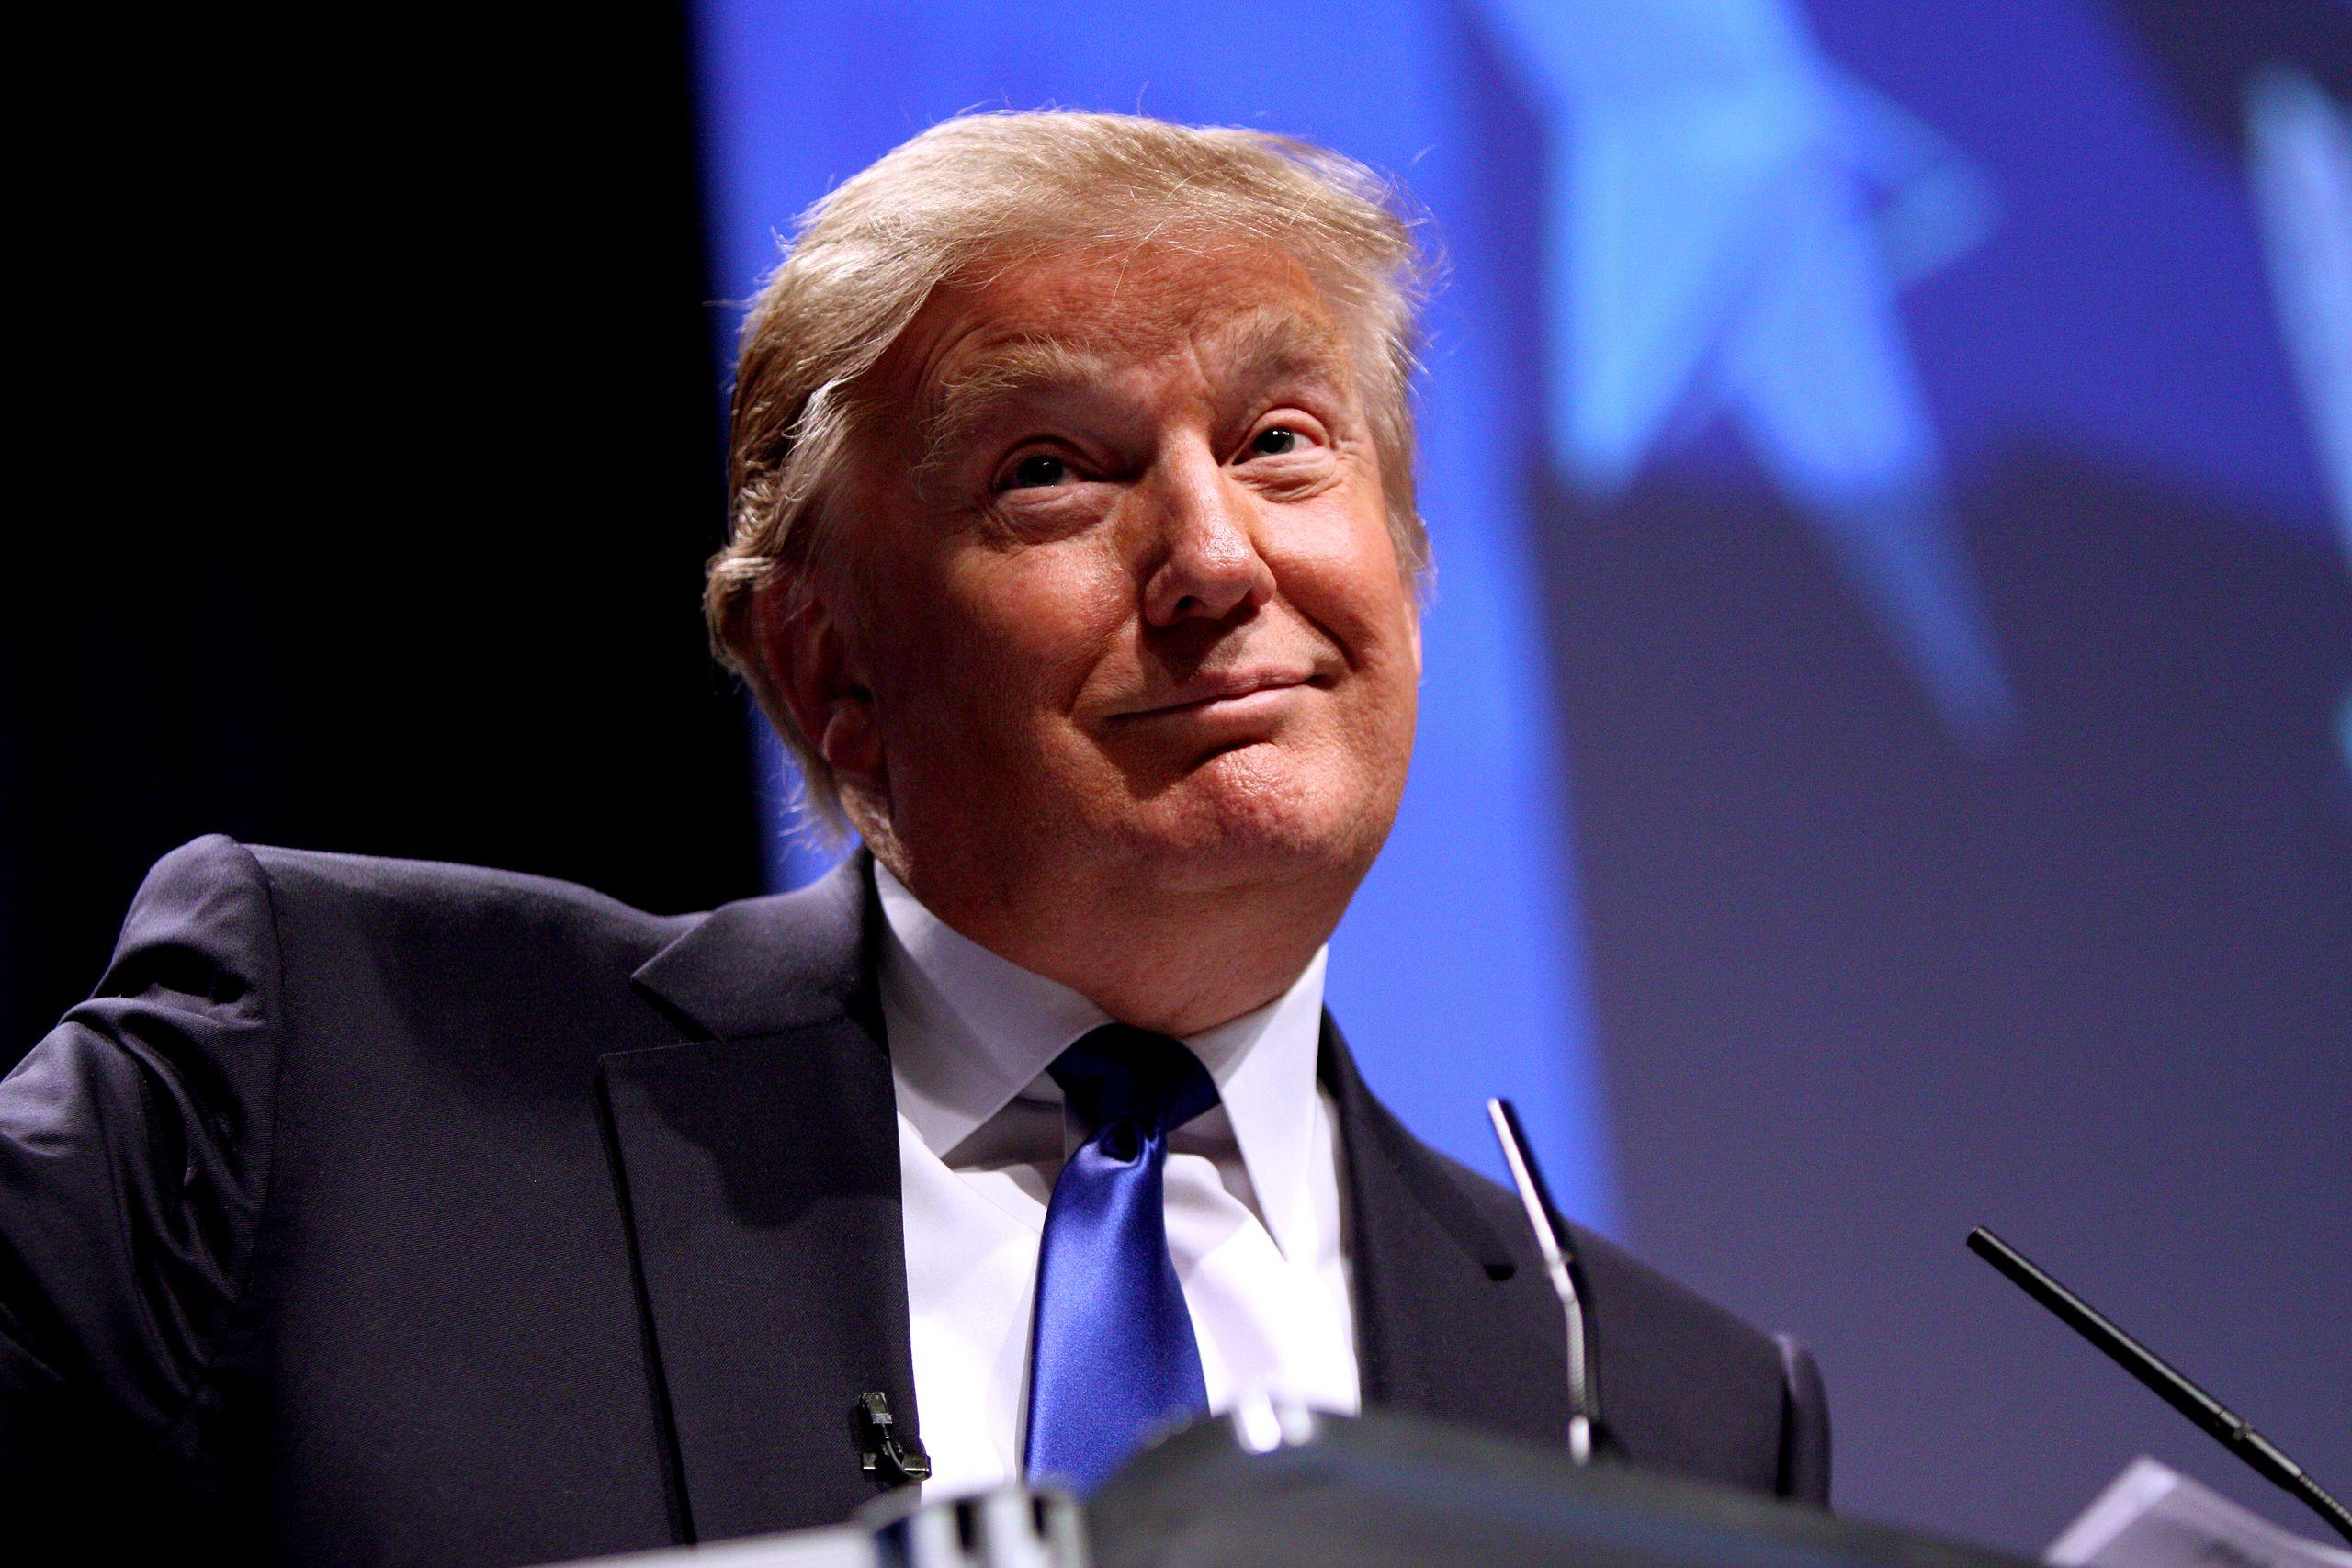 Hat minnesotai demokrata polgármester Trump újraválasztását támogatja